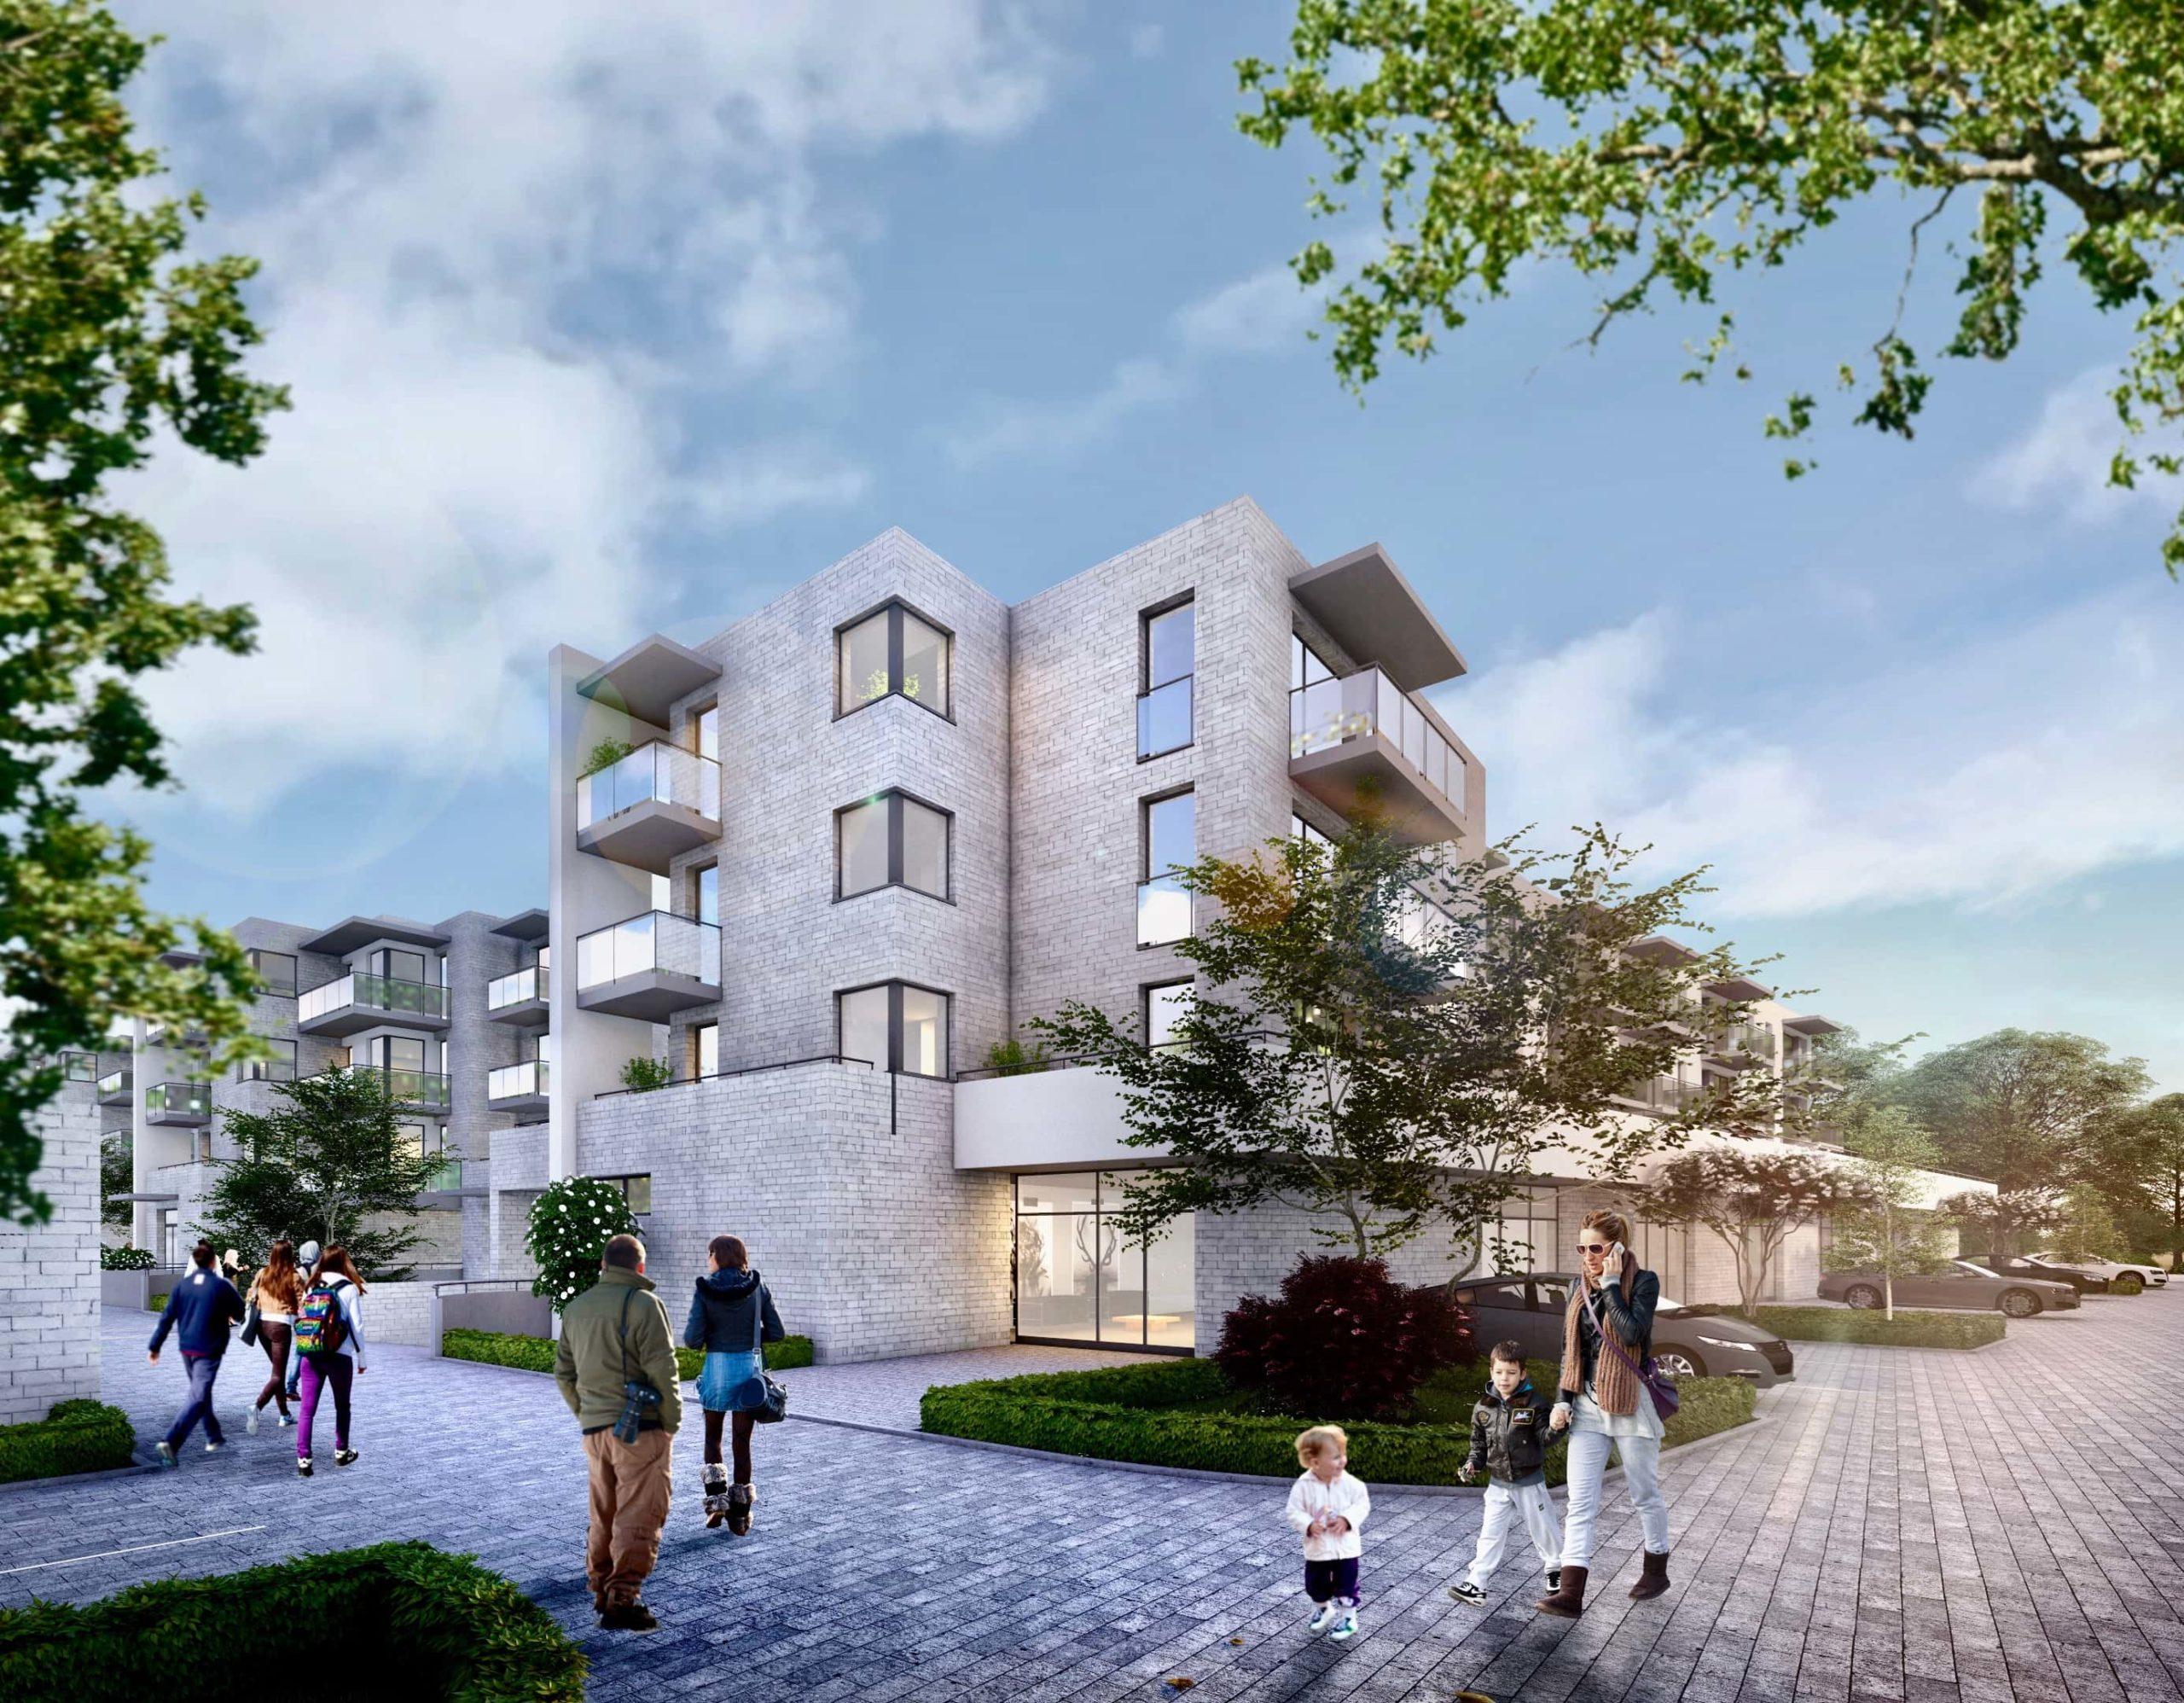 zam lipska 3 scaled 1 1 Trwa sprzedaż drugiego etapu nowoczesnego osiedla mieszkaniowego